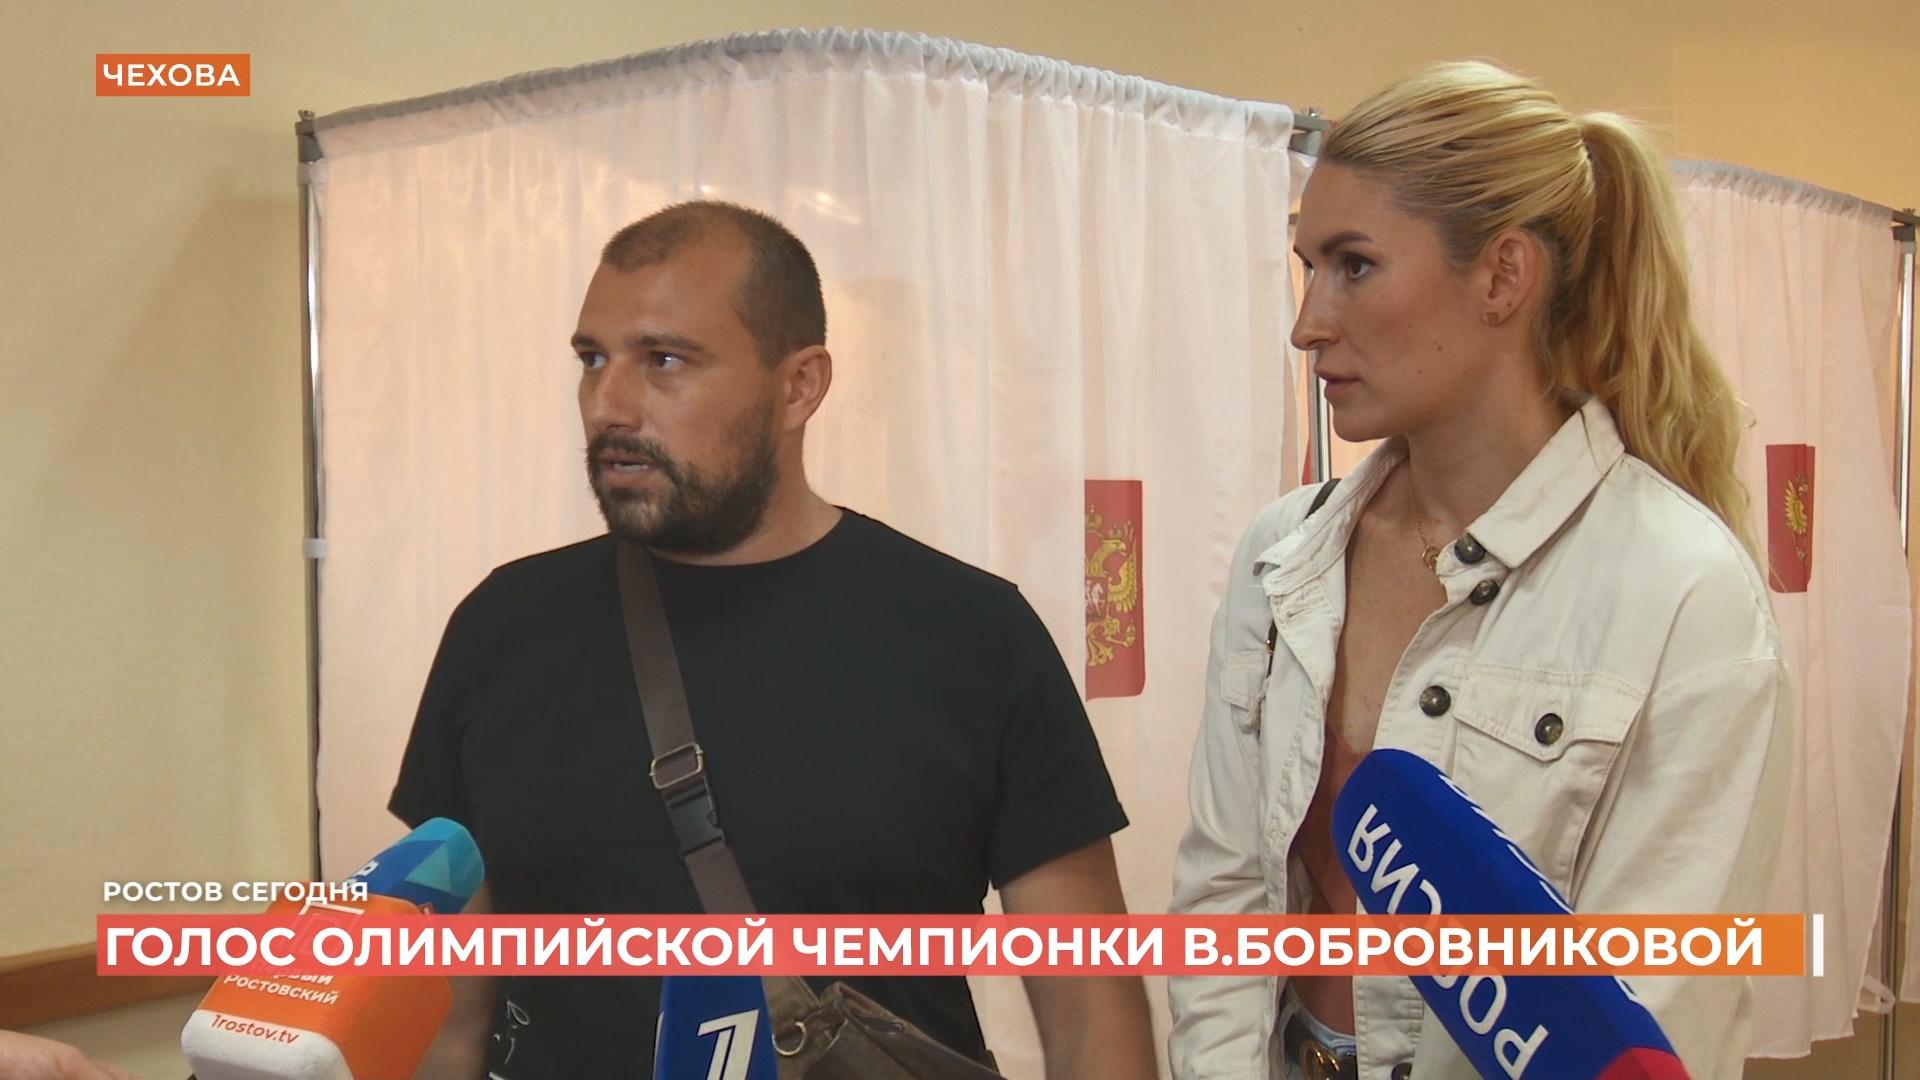 Олимпийская чемпионка В. Бобровникова проголосовала вместе с мужем-итальянцем